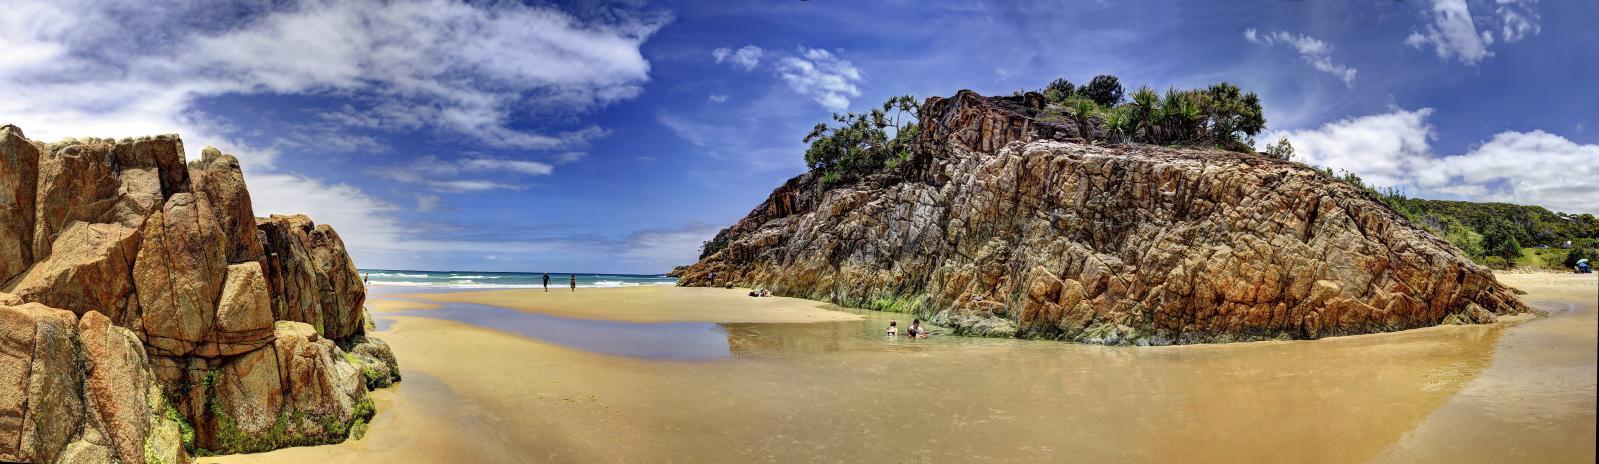 South West Rocks Australia  City pictures : ... National Park, at South West Rocks, New South Wales Australia